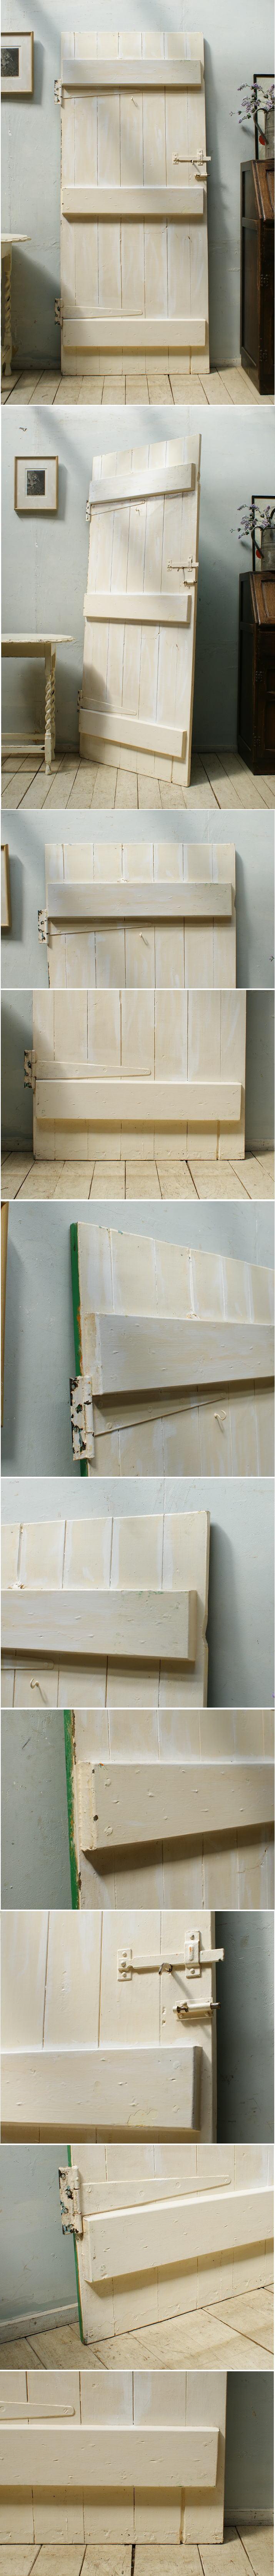 イギリス アンティーク 木製ドア ディスプレイ 建具 5191